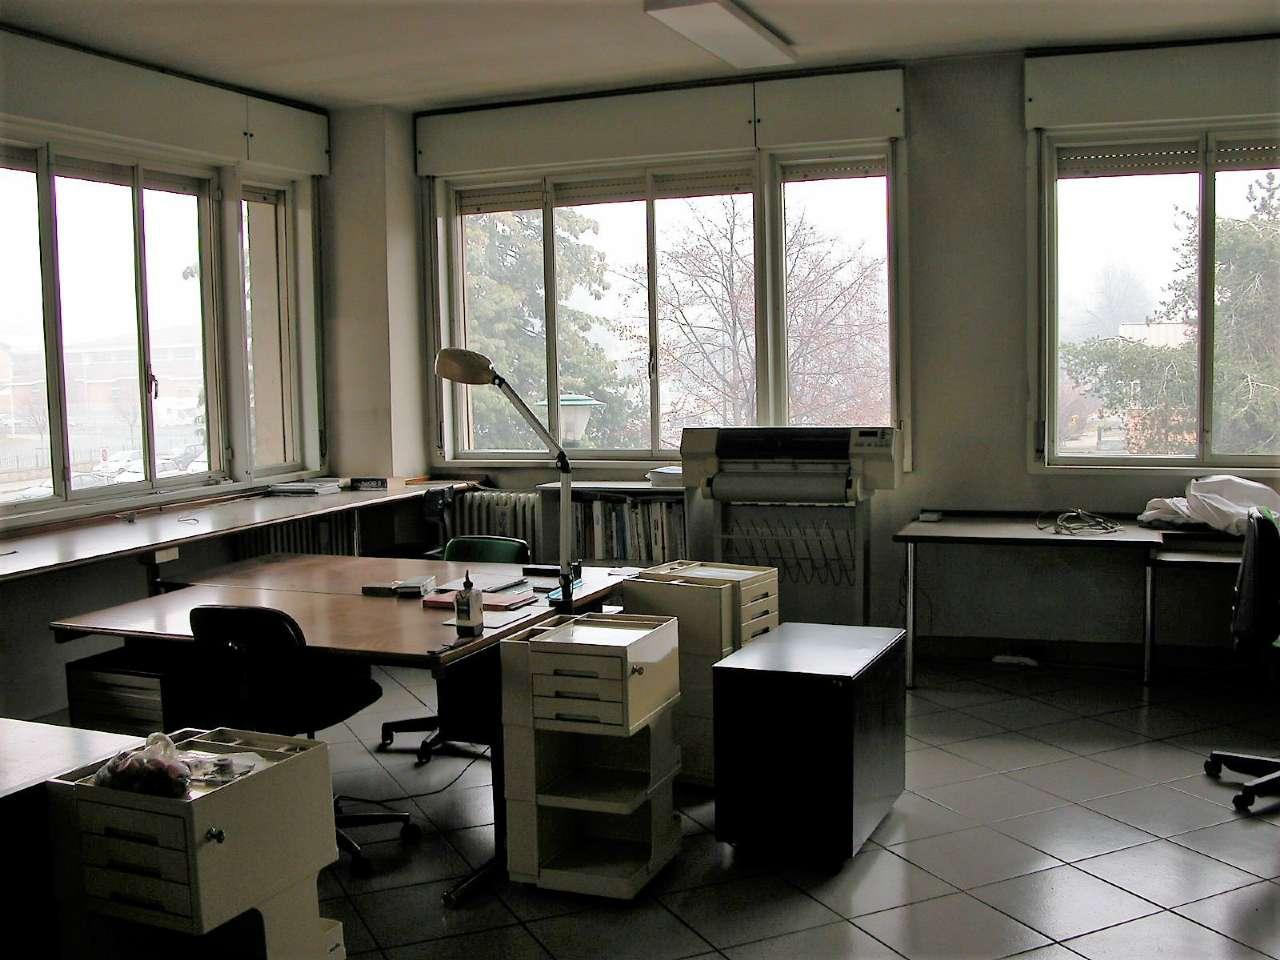 Affittasi uso ufficio in stabile signorile pernigotti for Affittasi stanza uso ufficio